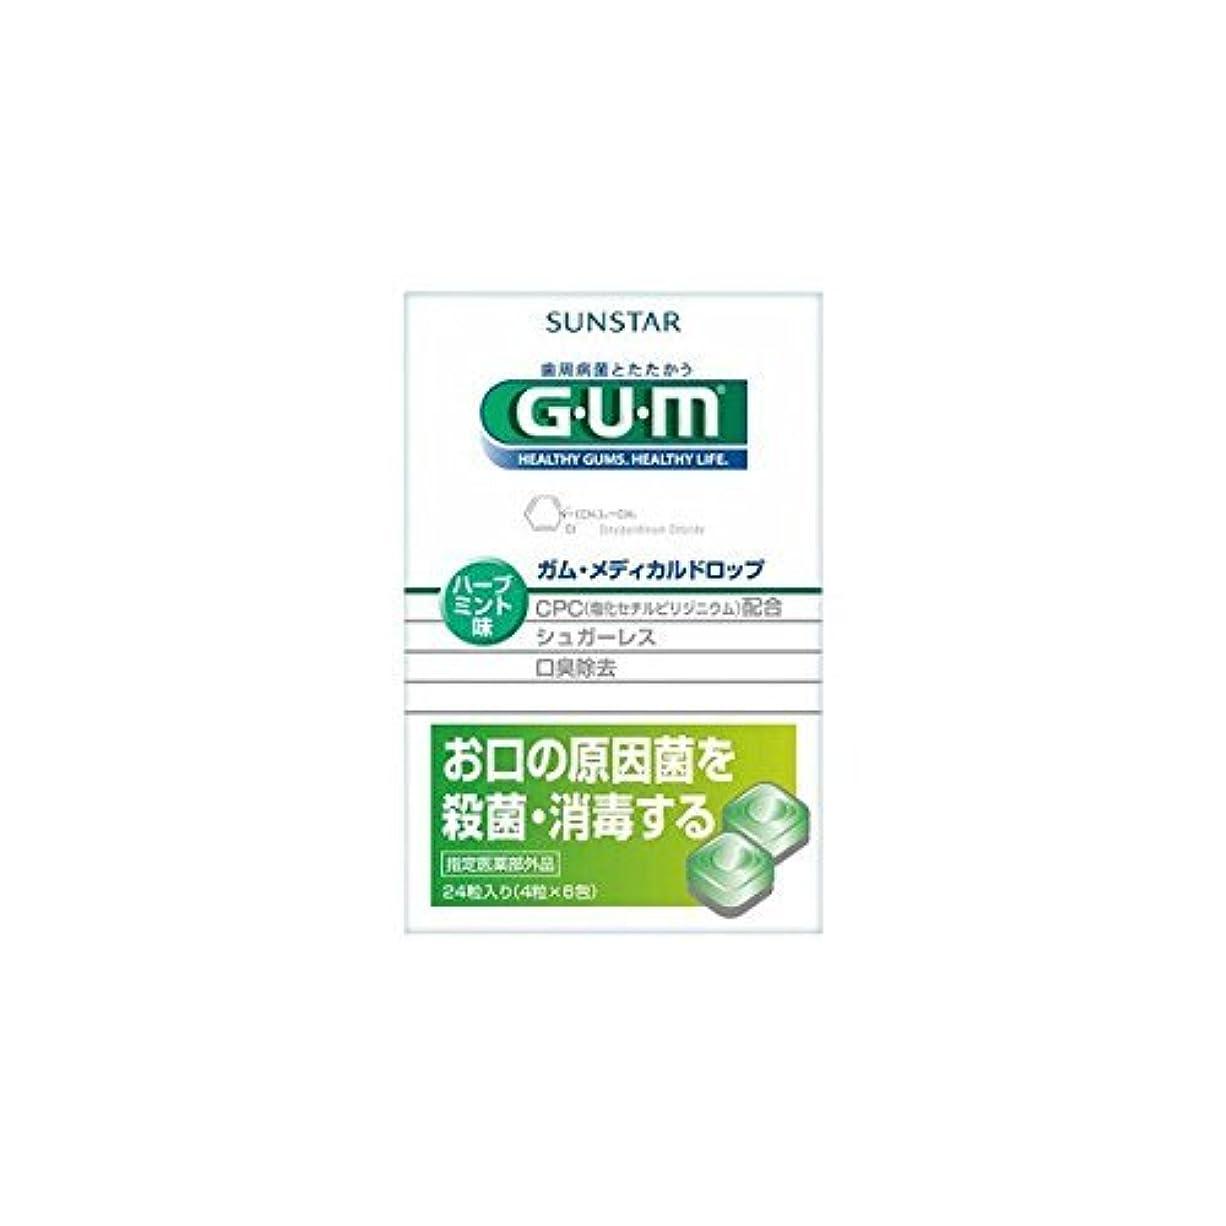 捧げる望むトレイル【5個セット】 GUM(ガム) メディカルドロップ ハーブミント 24粒